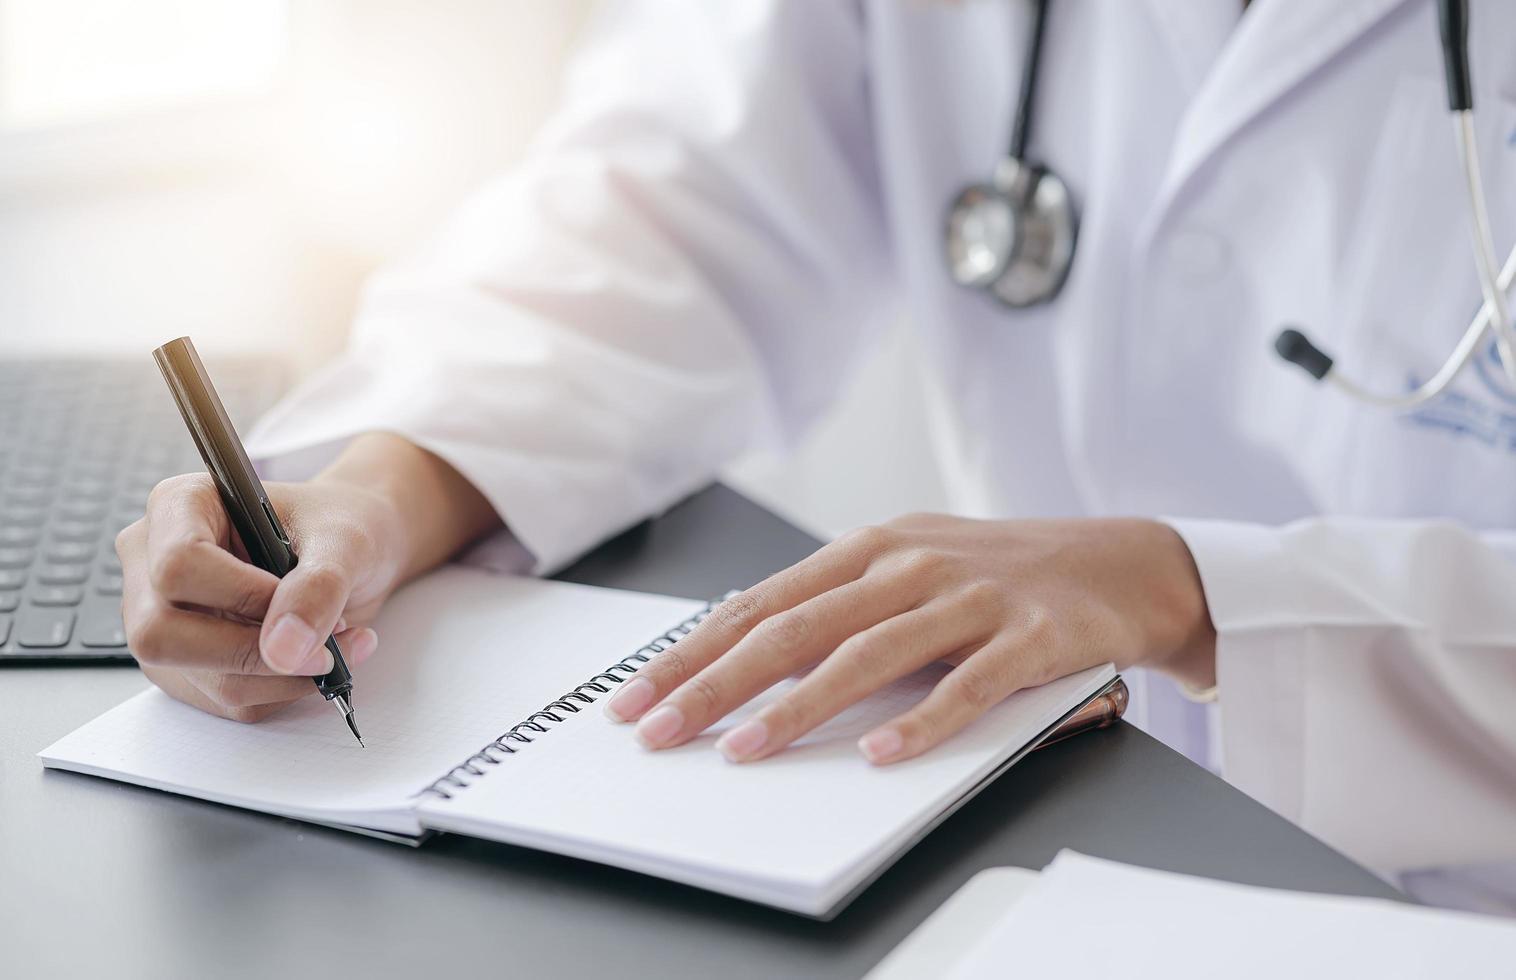 Ärztin schreibt auf Notizbuch foto